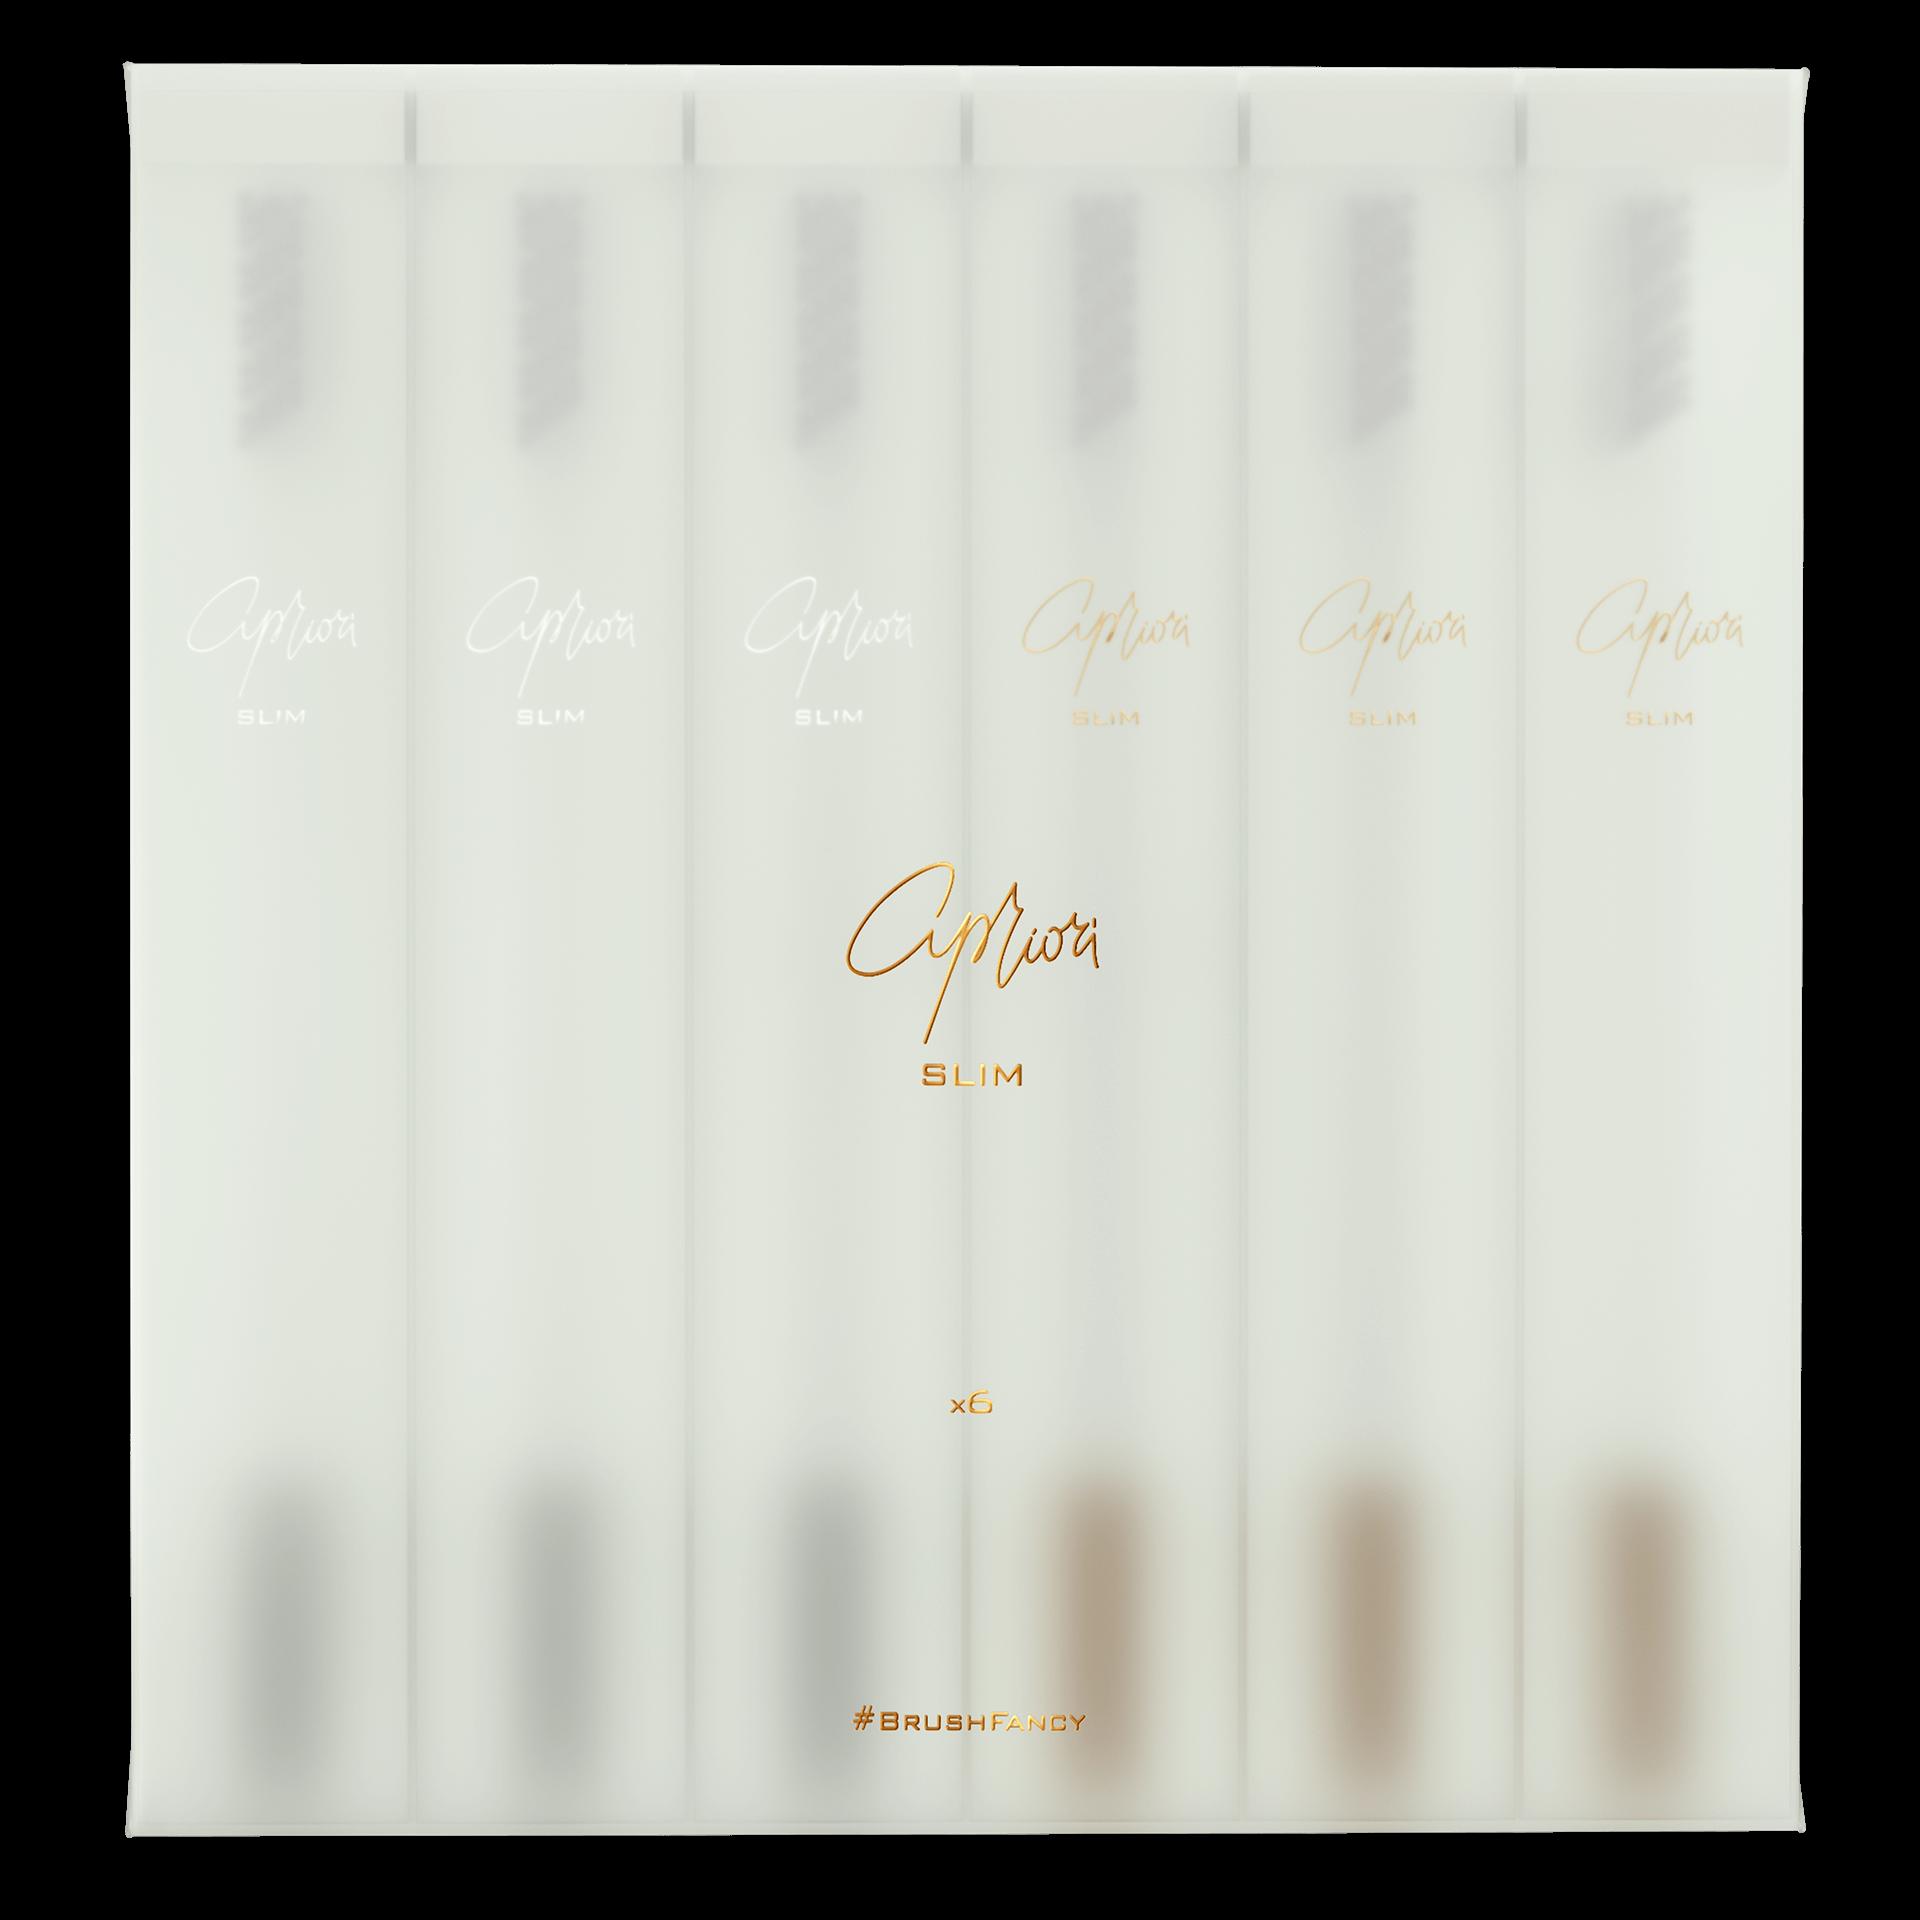 Набор дизайнерских зубных щёток SLIM by Apriori белых с золотом и серебром